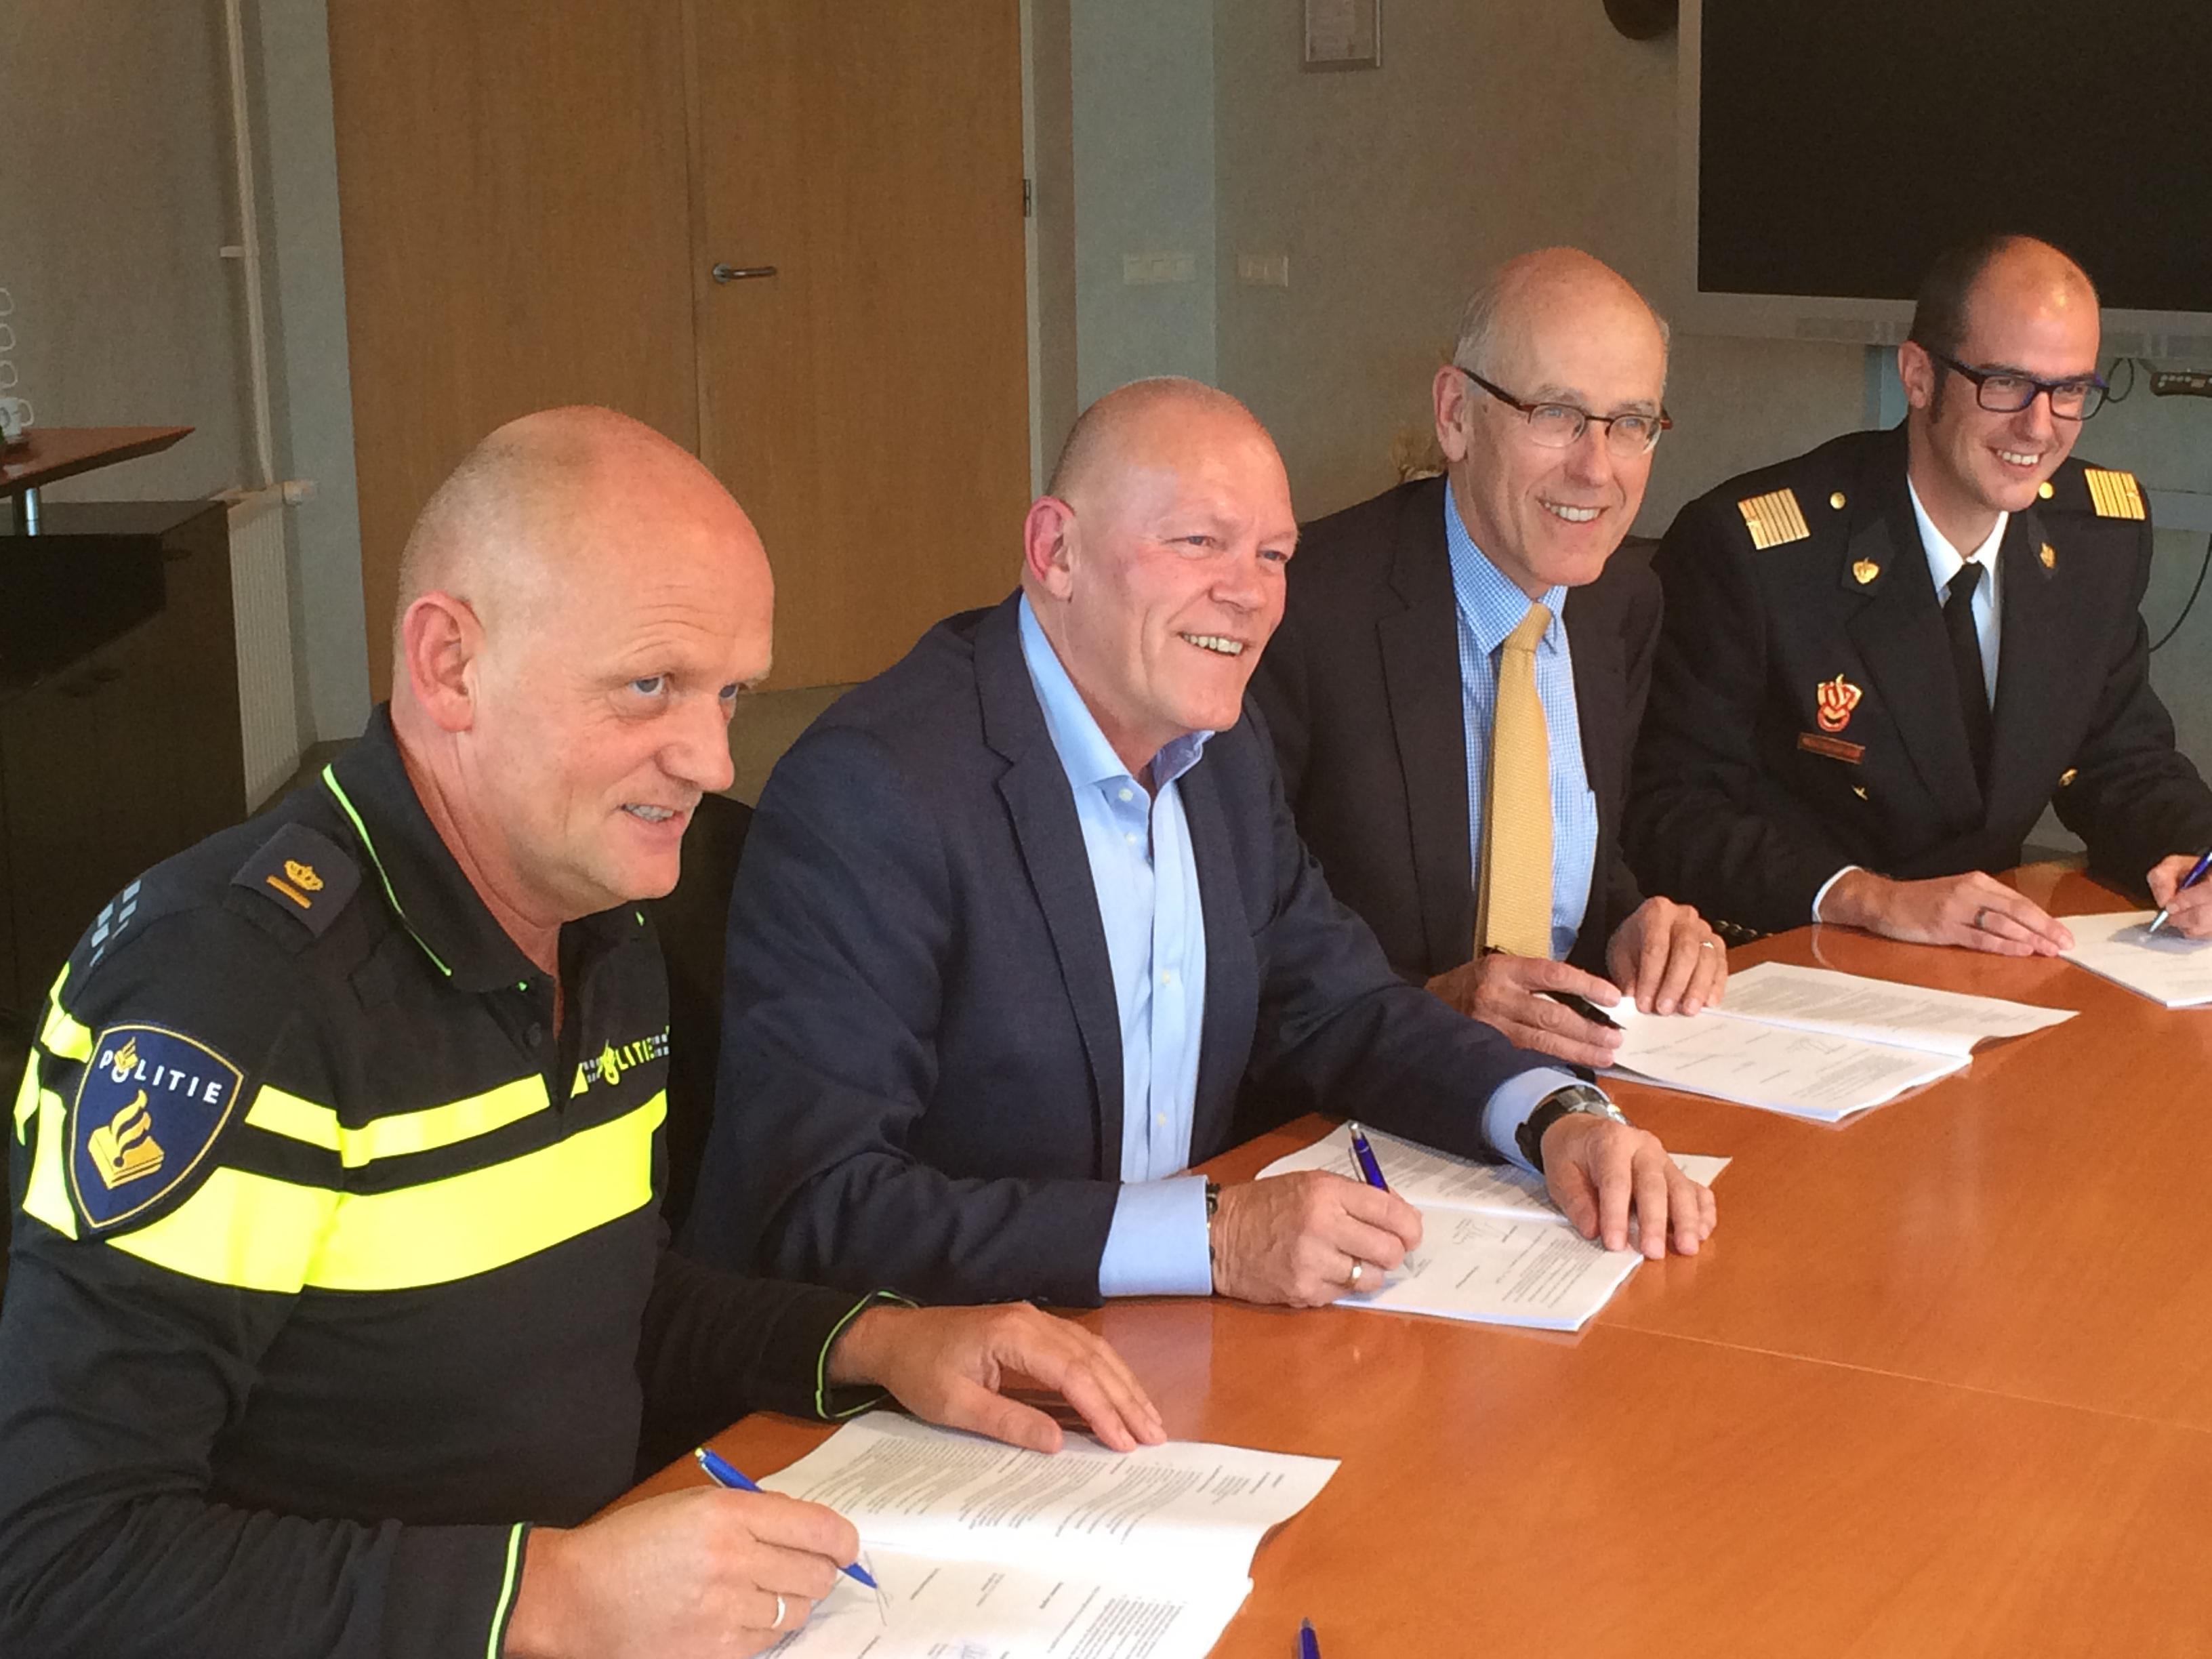 Ondertekening Keurmerk Veilig Ondernemen Breekland